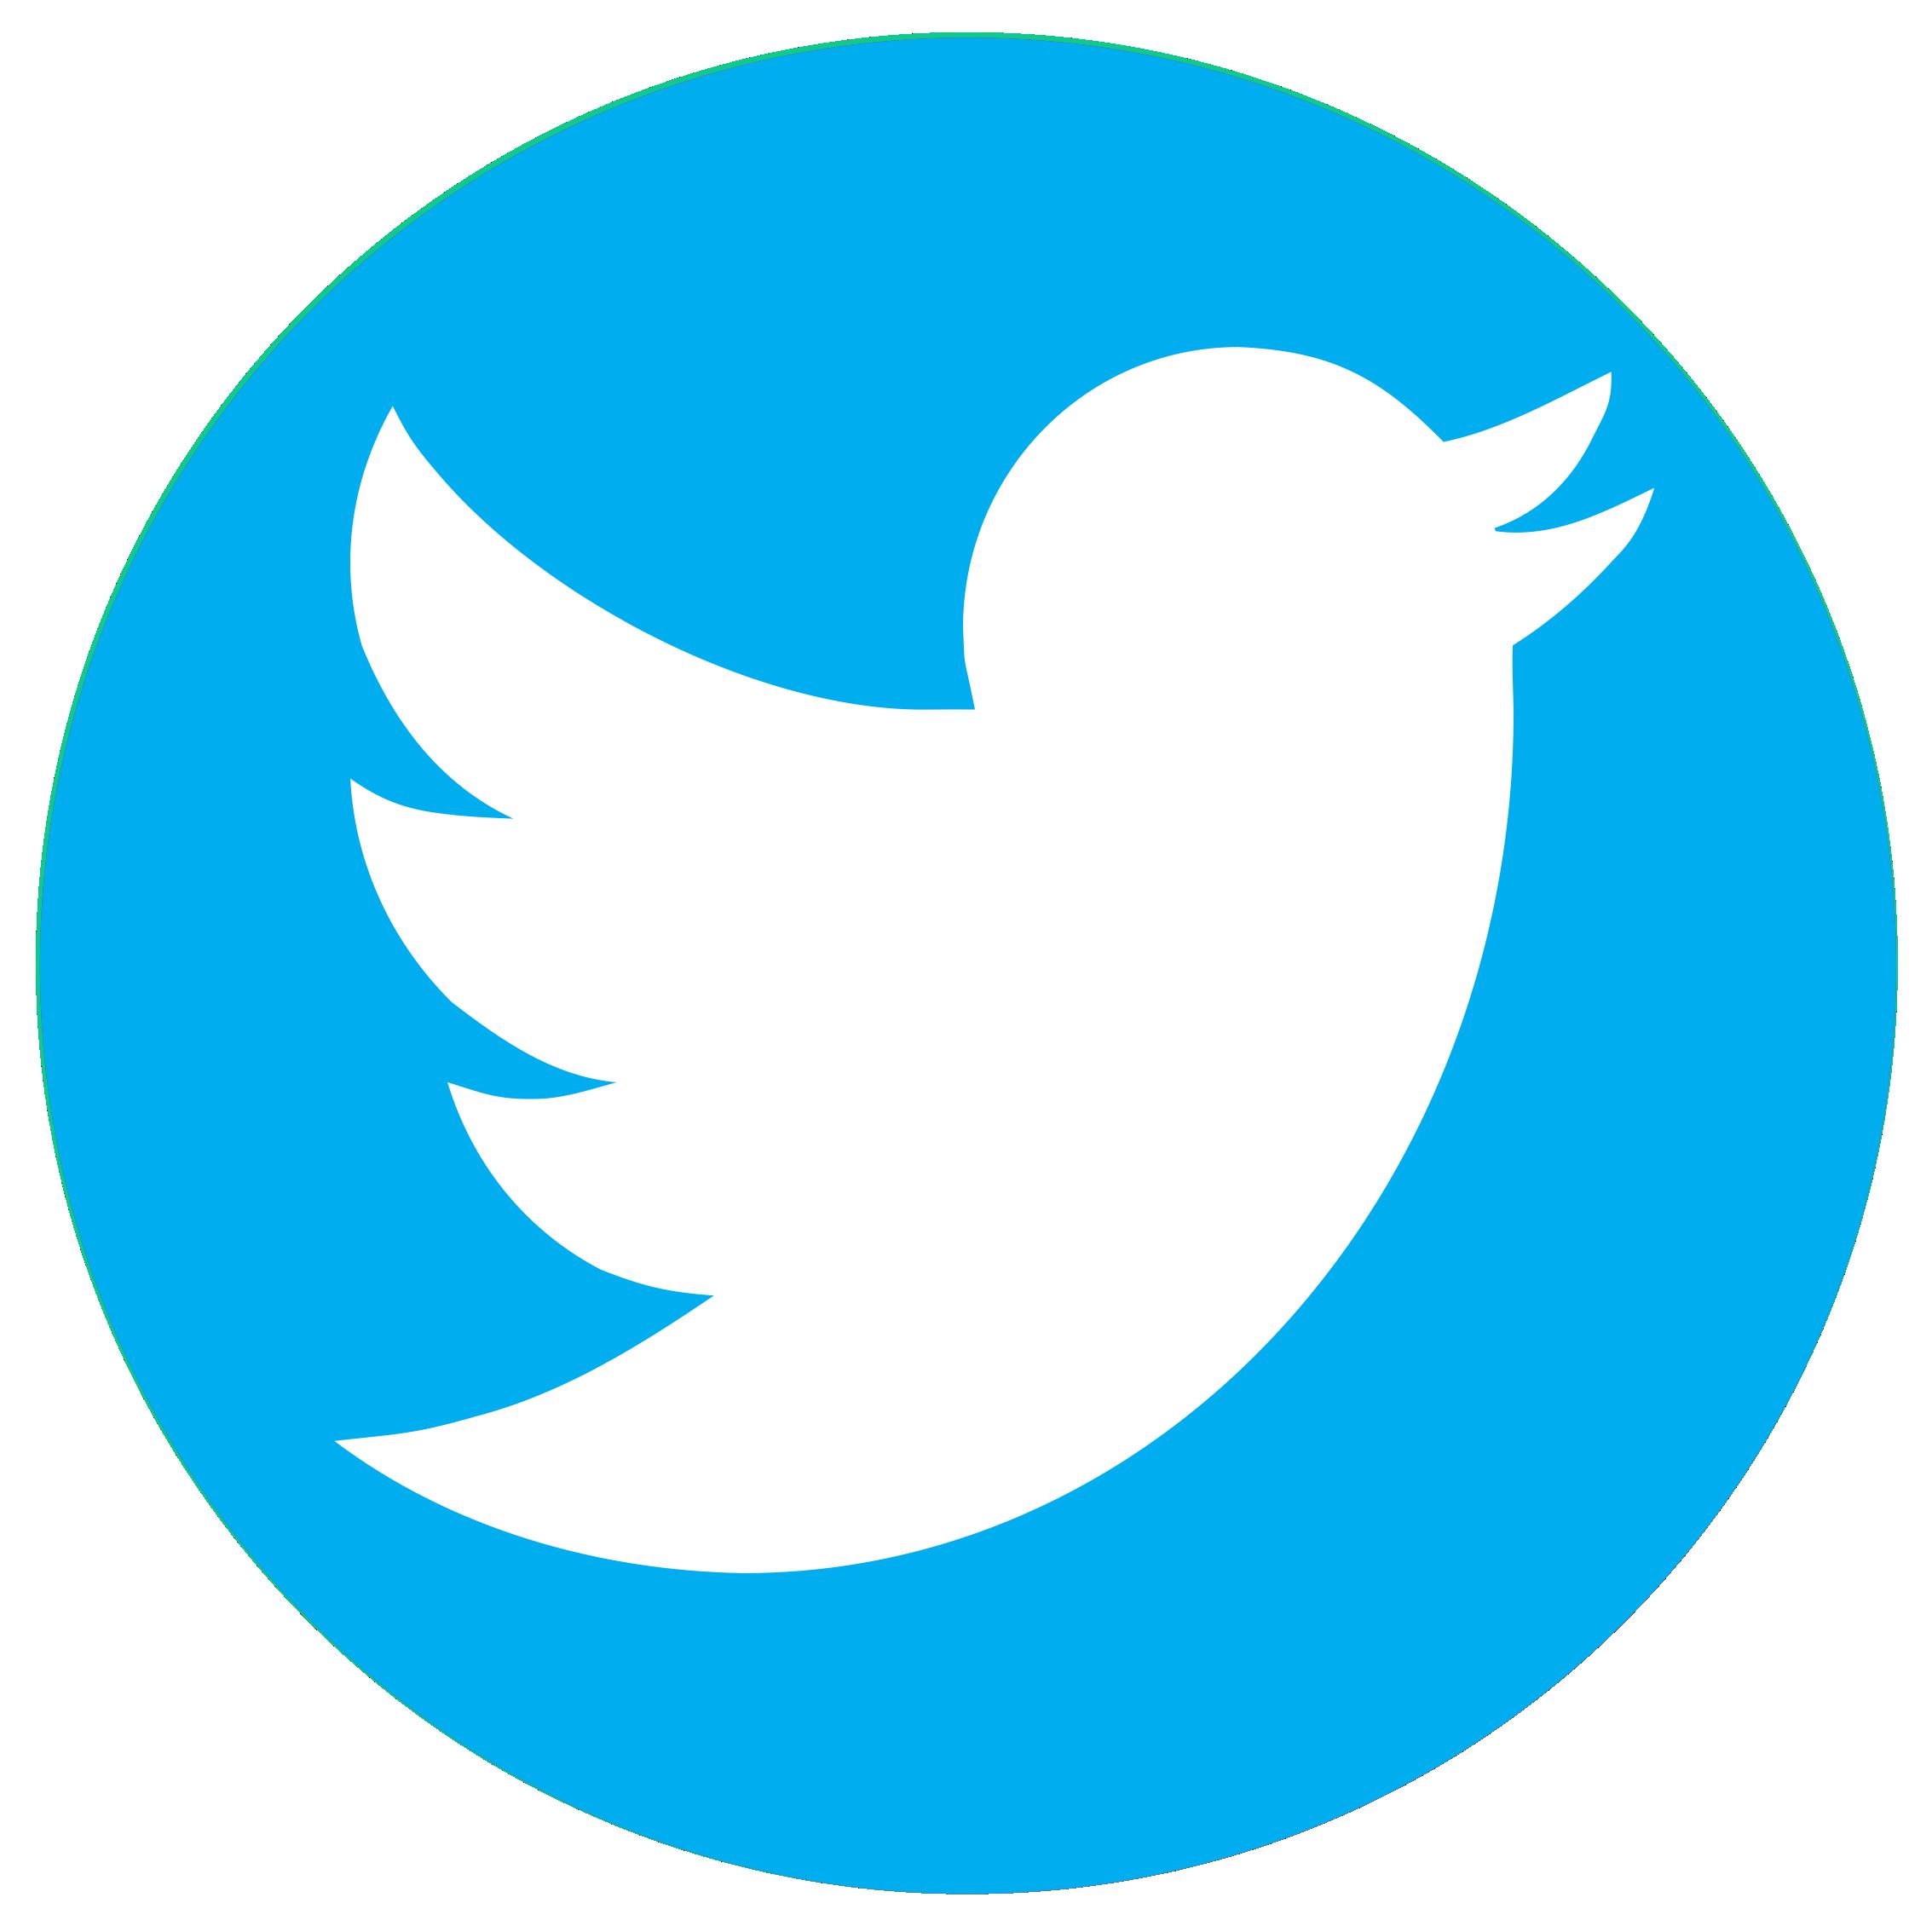 Logo Twitter Circle PNG Transparent Image #47449.